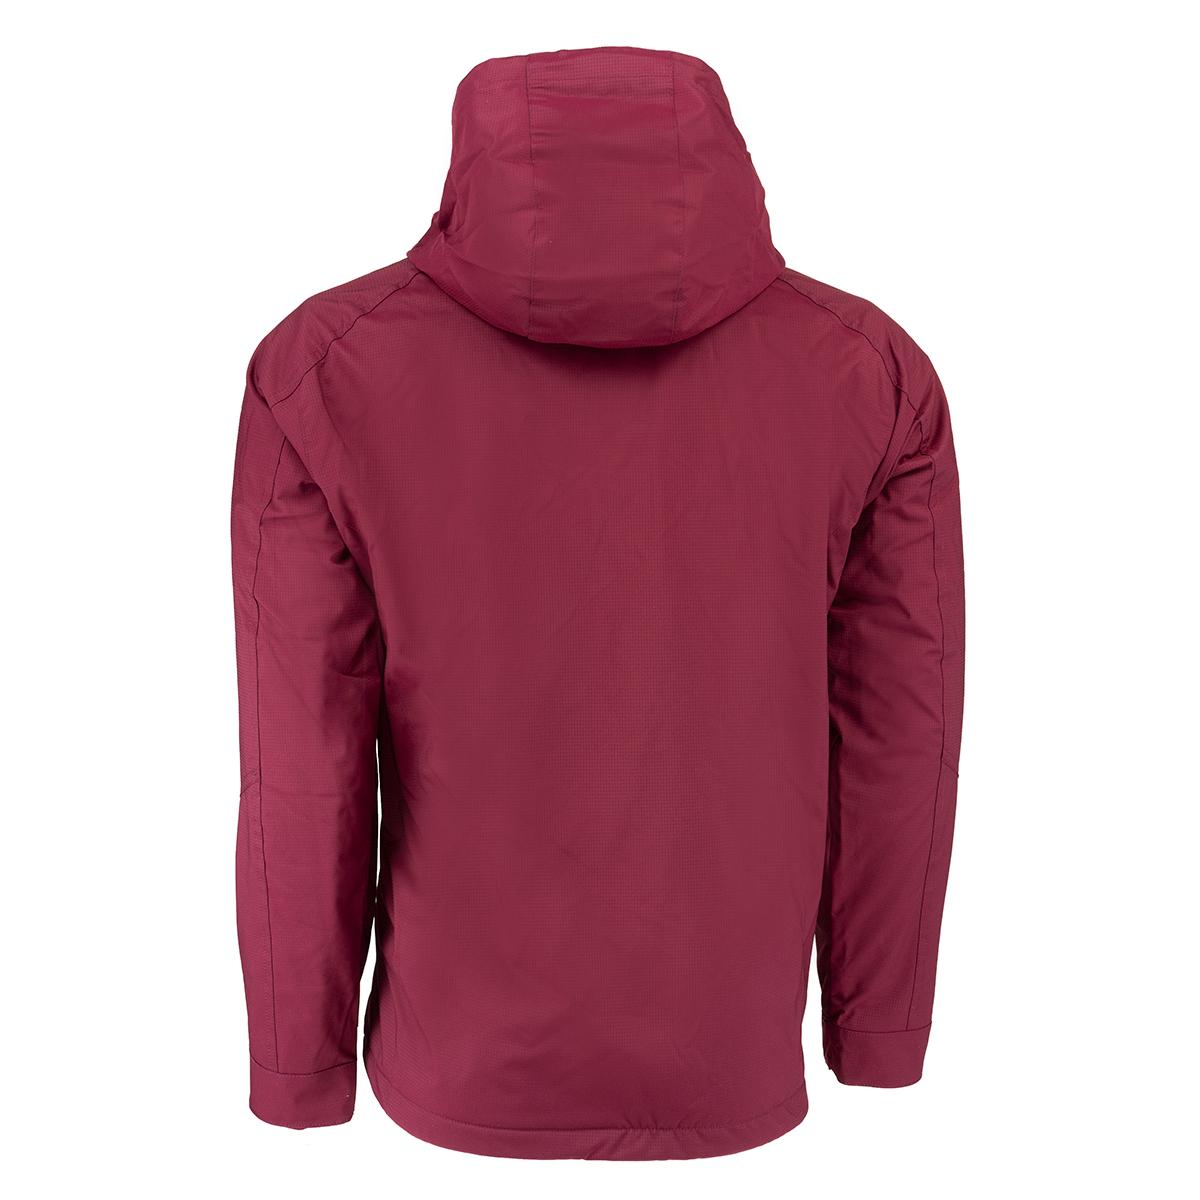 IZOD-Men-039-s-Midweight-Polar-Fleece-Lined-Jacket thumbnail 8